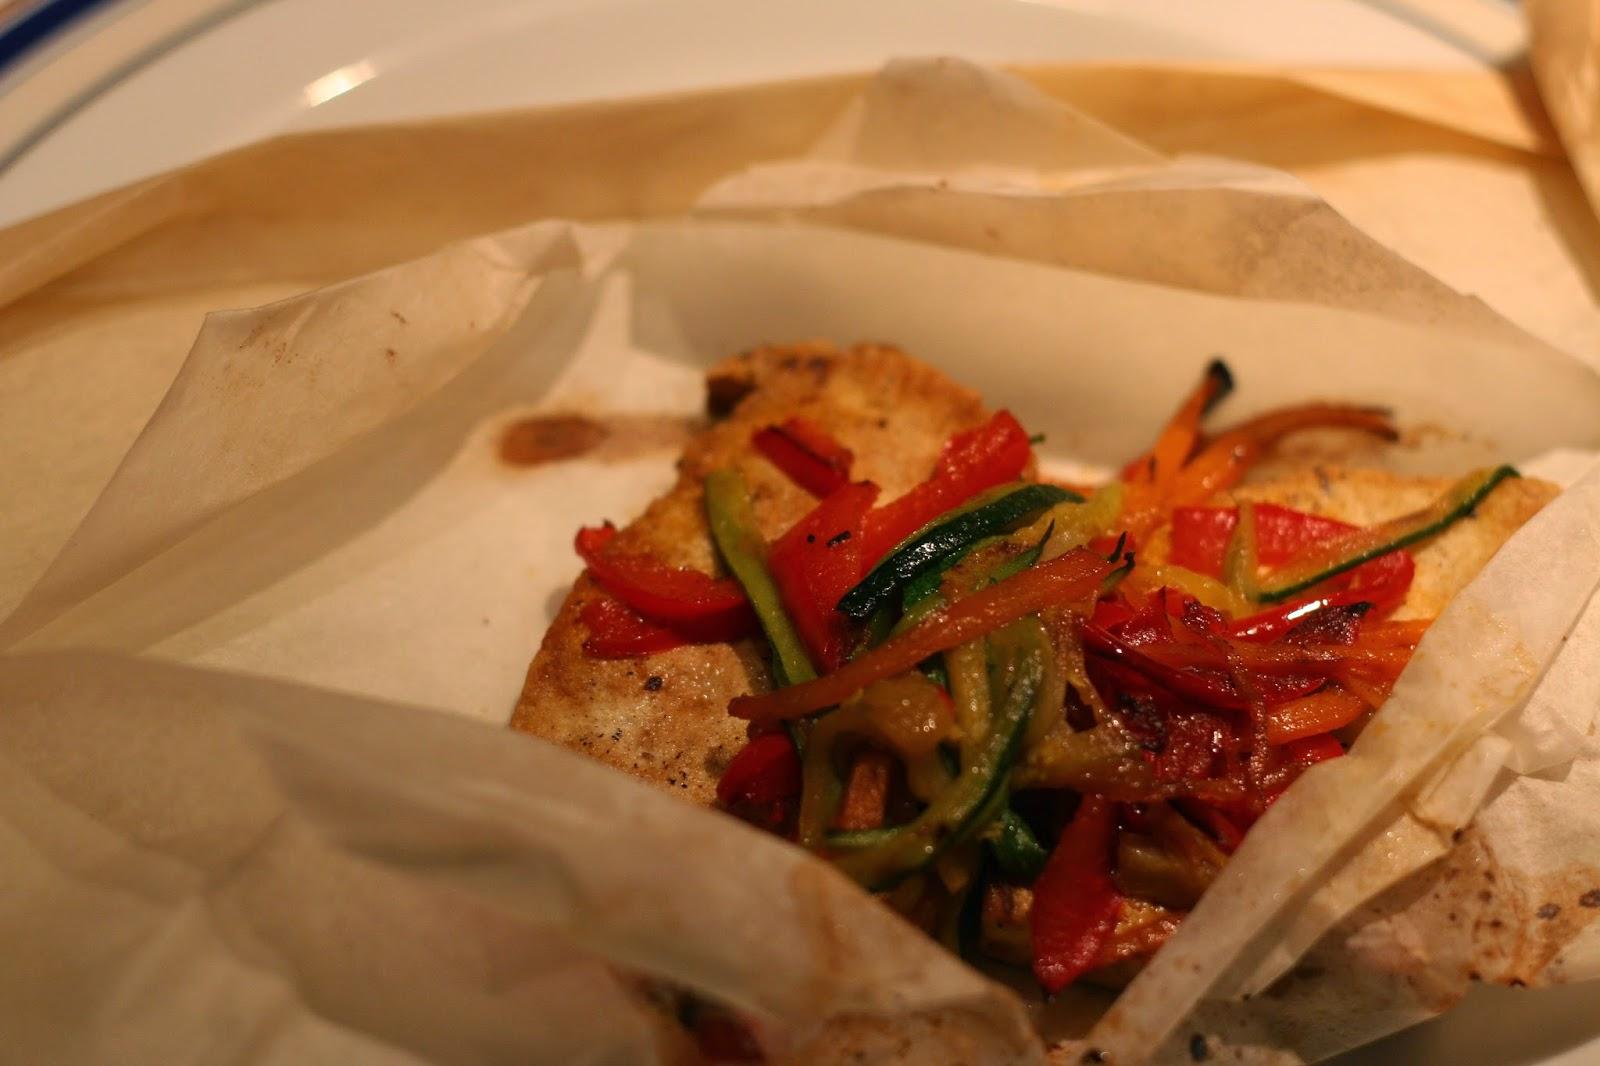 Una cena vegetariana cucina d 39 emozione - Una vegetariana in cucina ...